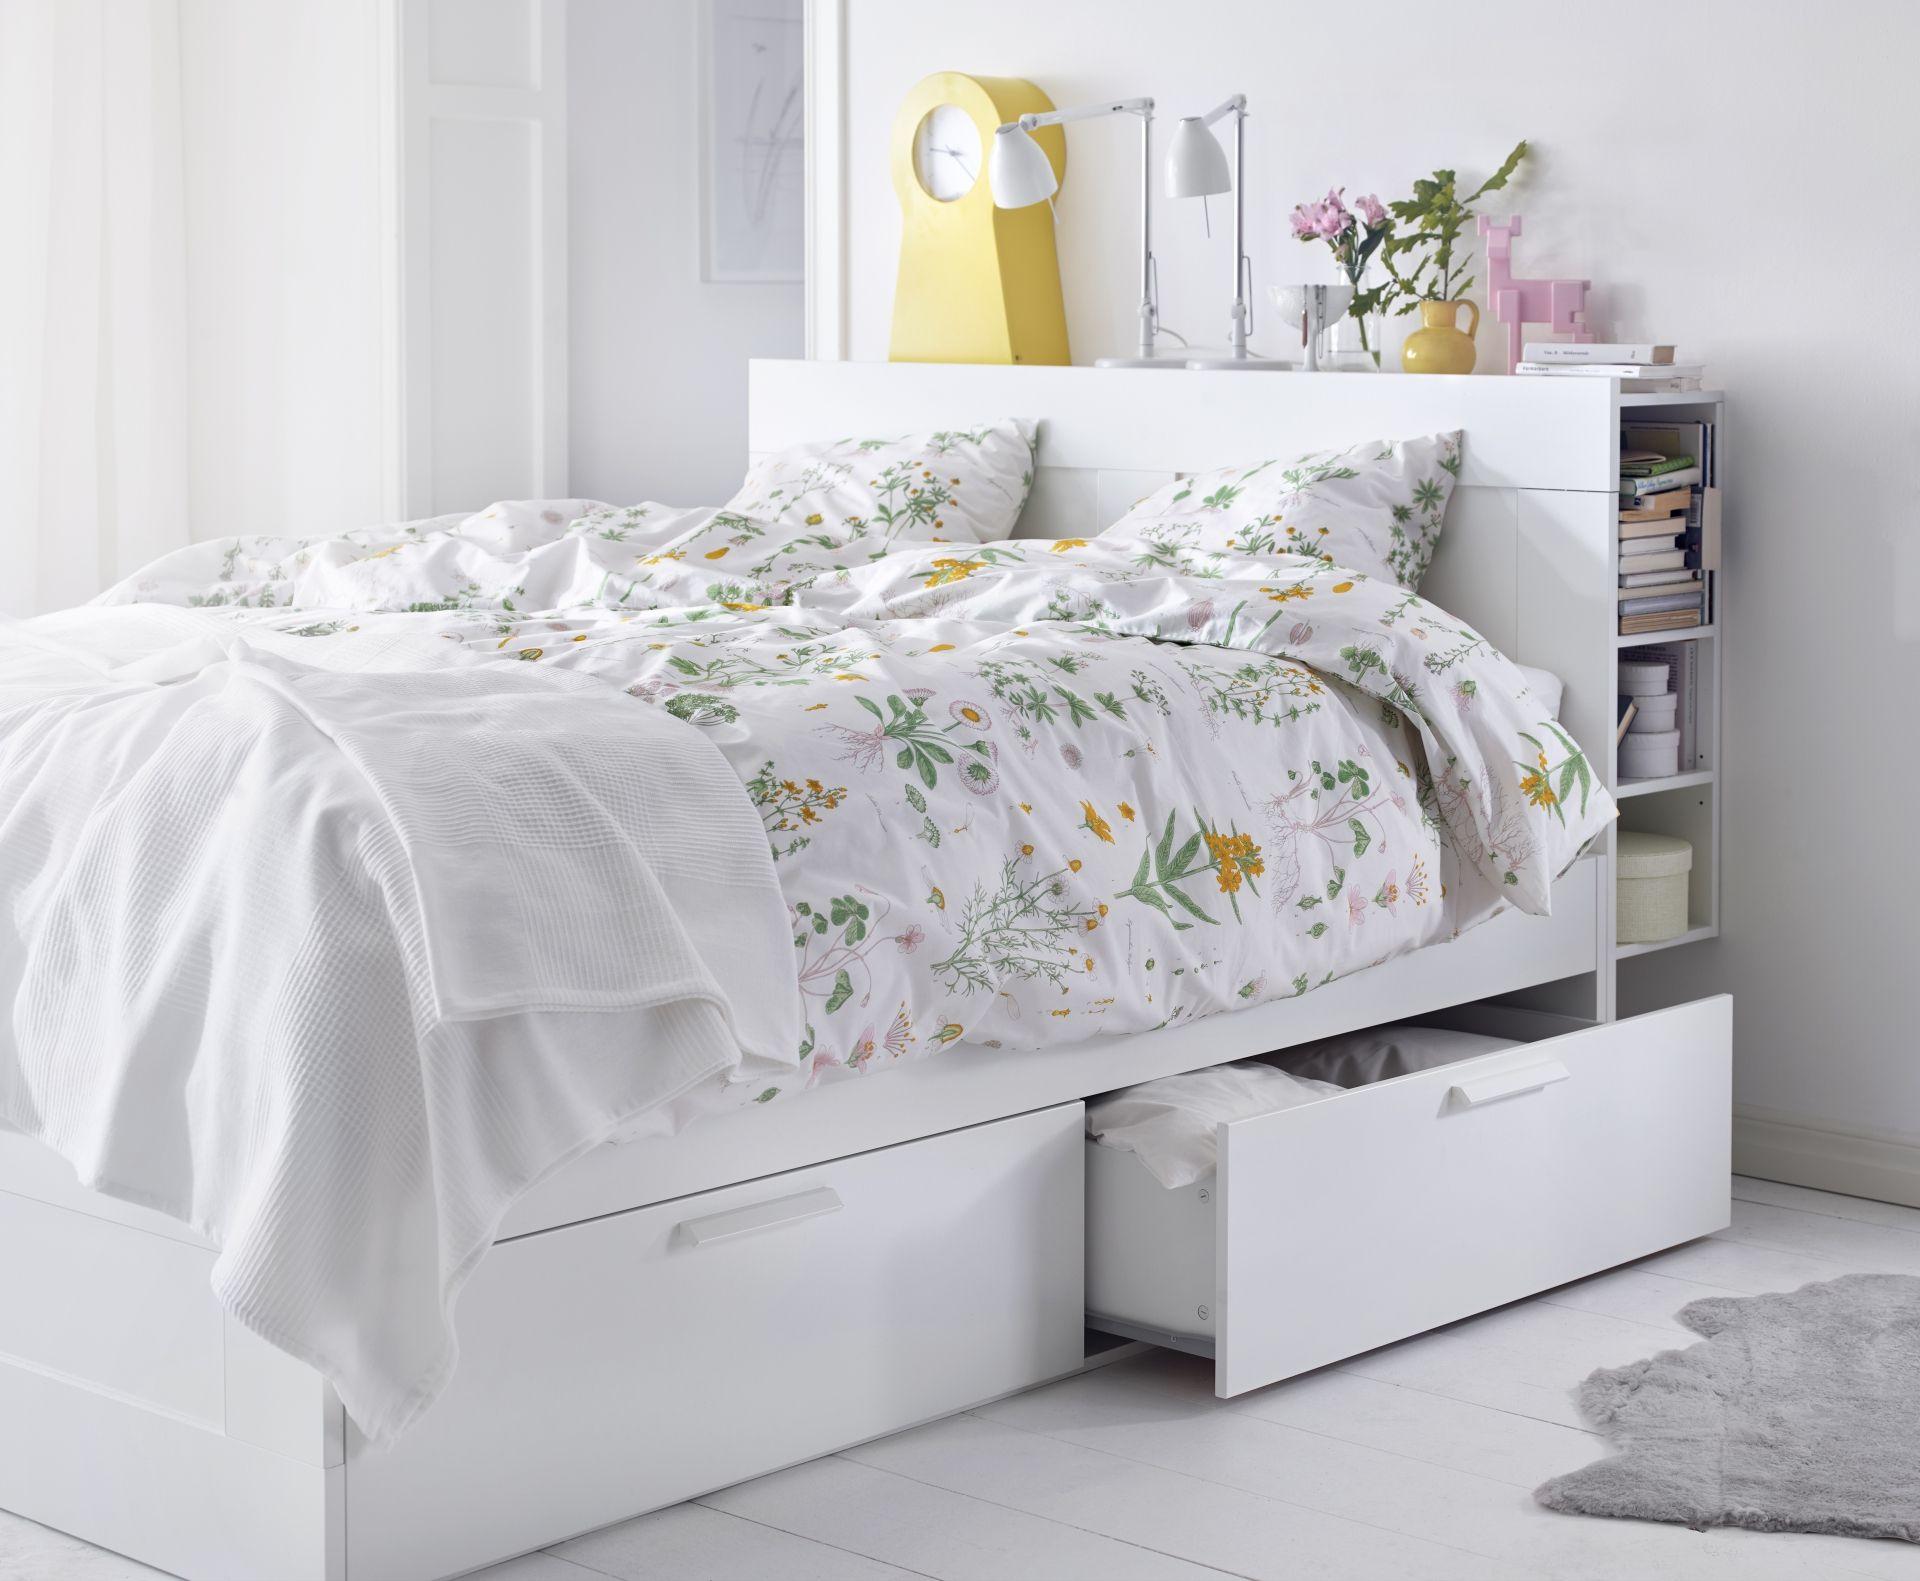 Soluciones Para Decorar Y Organizar Un Dormitorio Peque O  ~ Decorar Dormitorio Matrimonio Pequeño